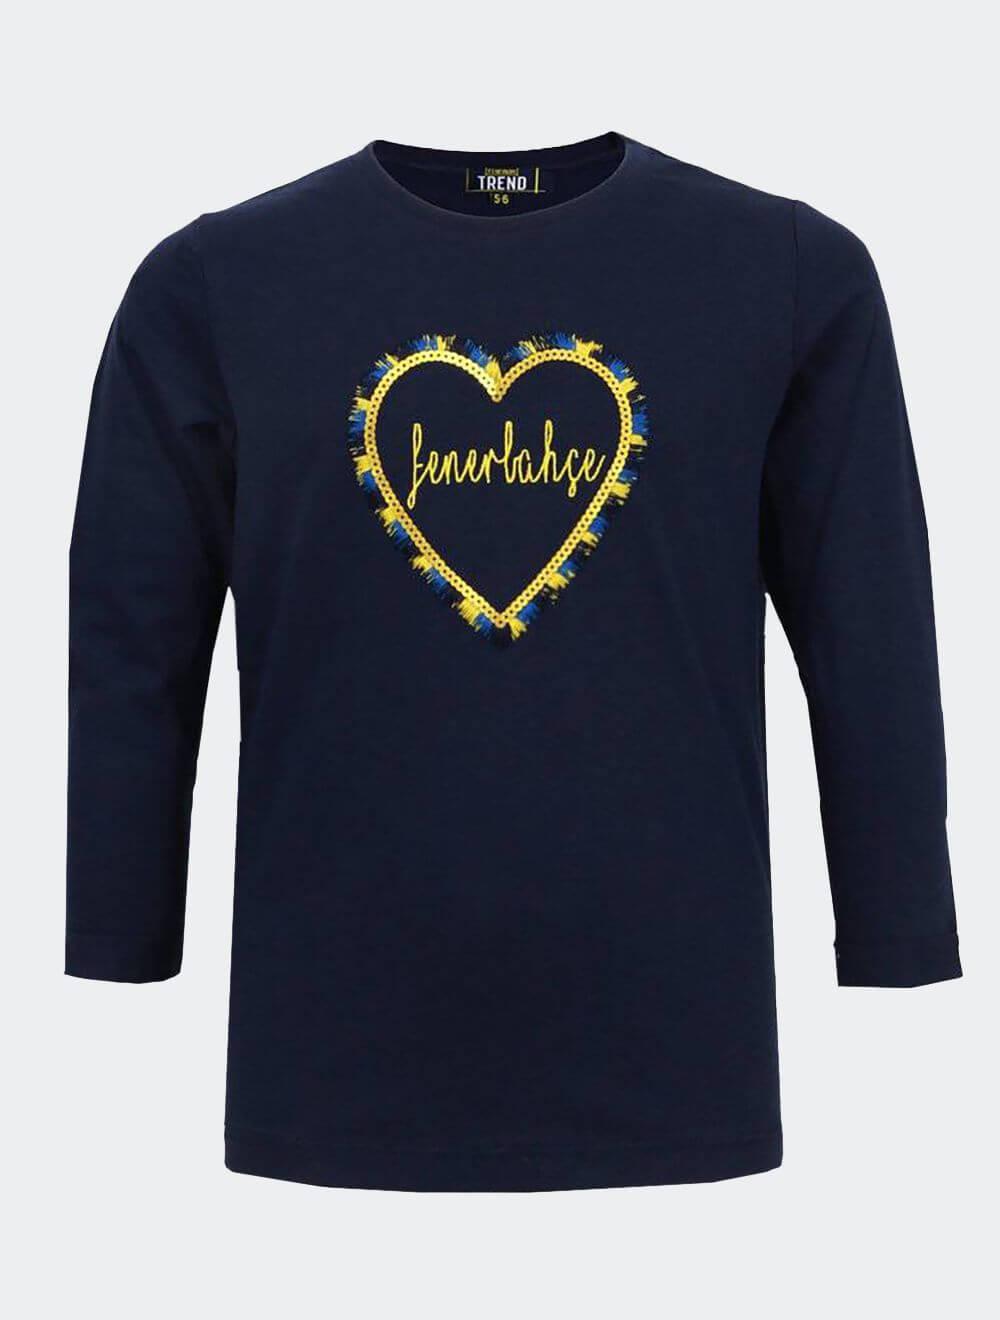 Kız Çocuk Lacivert Bias Lacivert T-Shirt